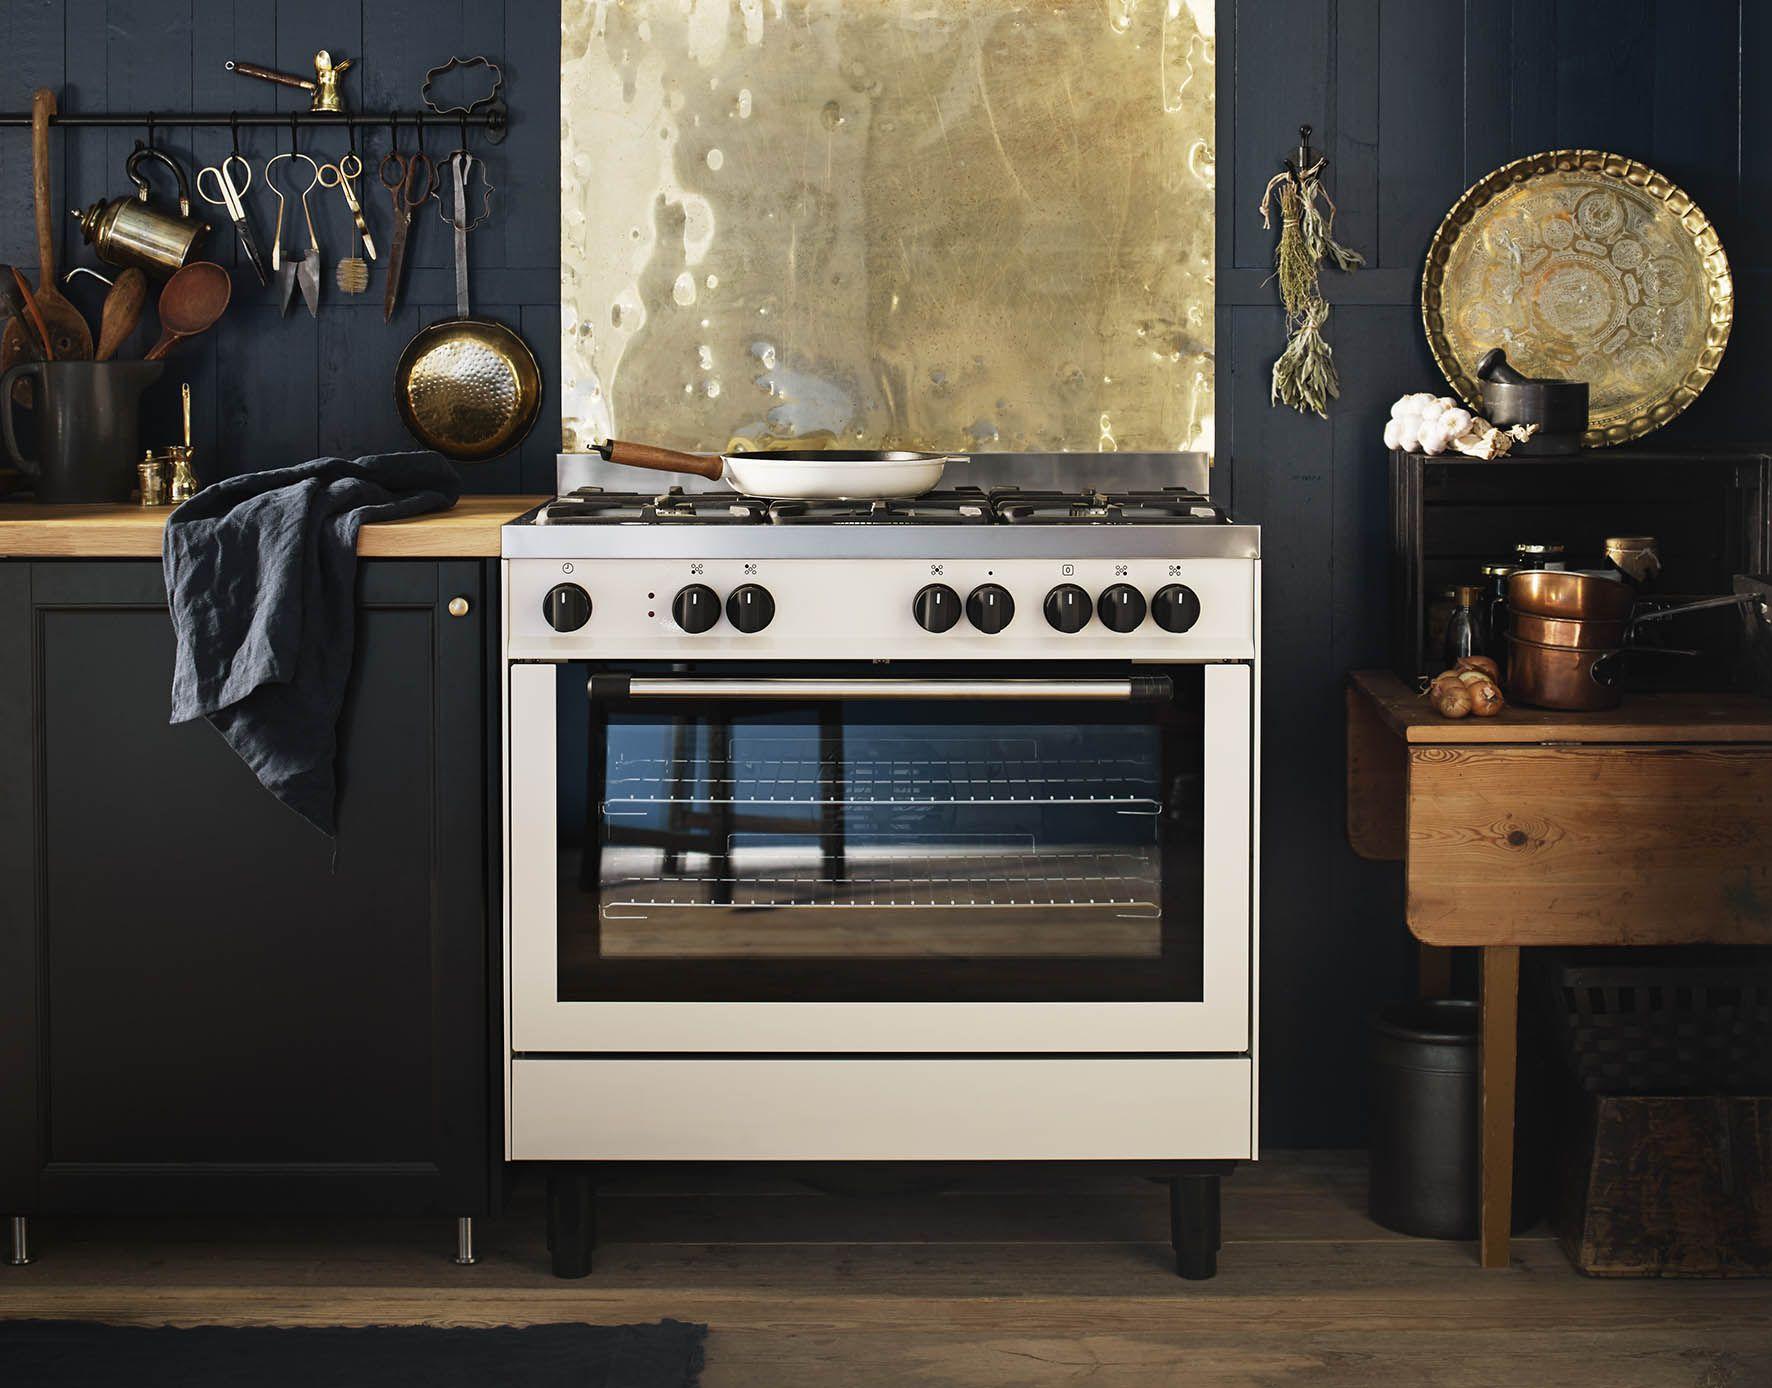 Eigen Keuken Ontwerpen : Keuken ontwerpen ikea mac ikea keukenplanner ontwerpen